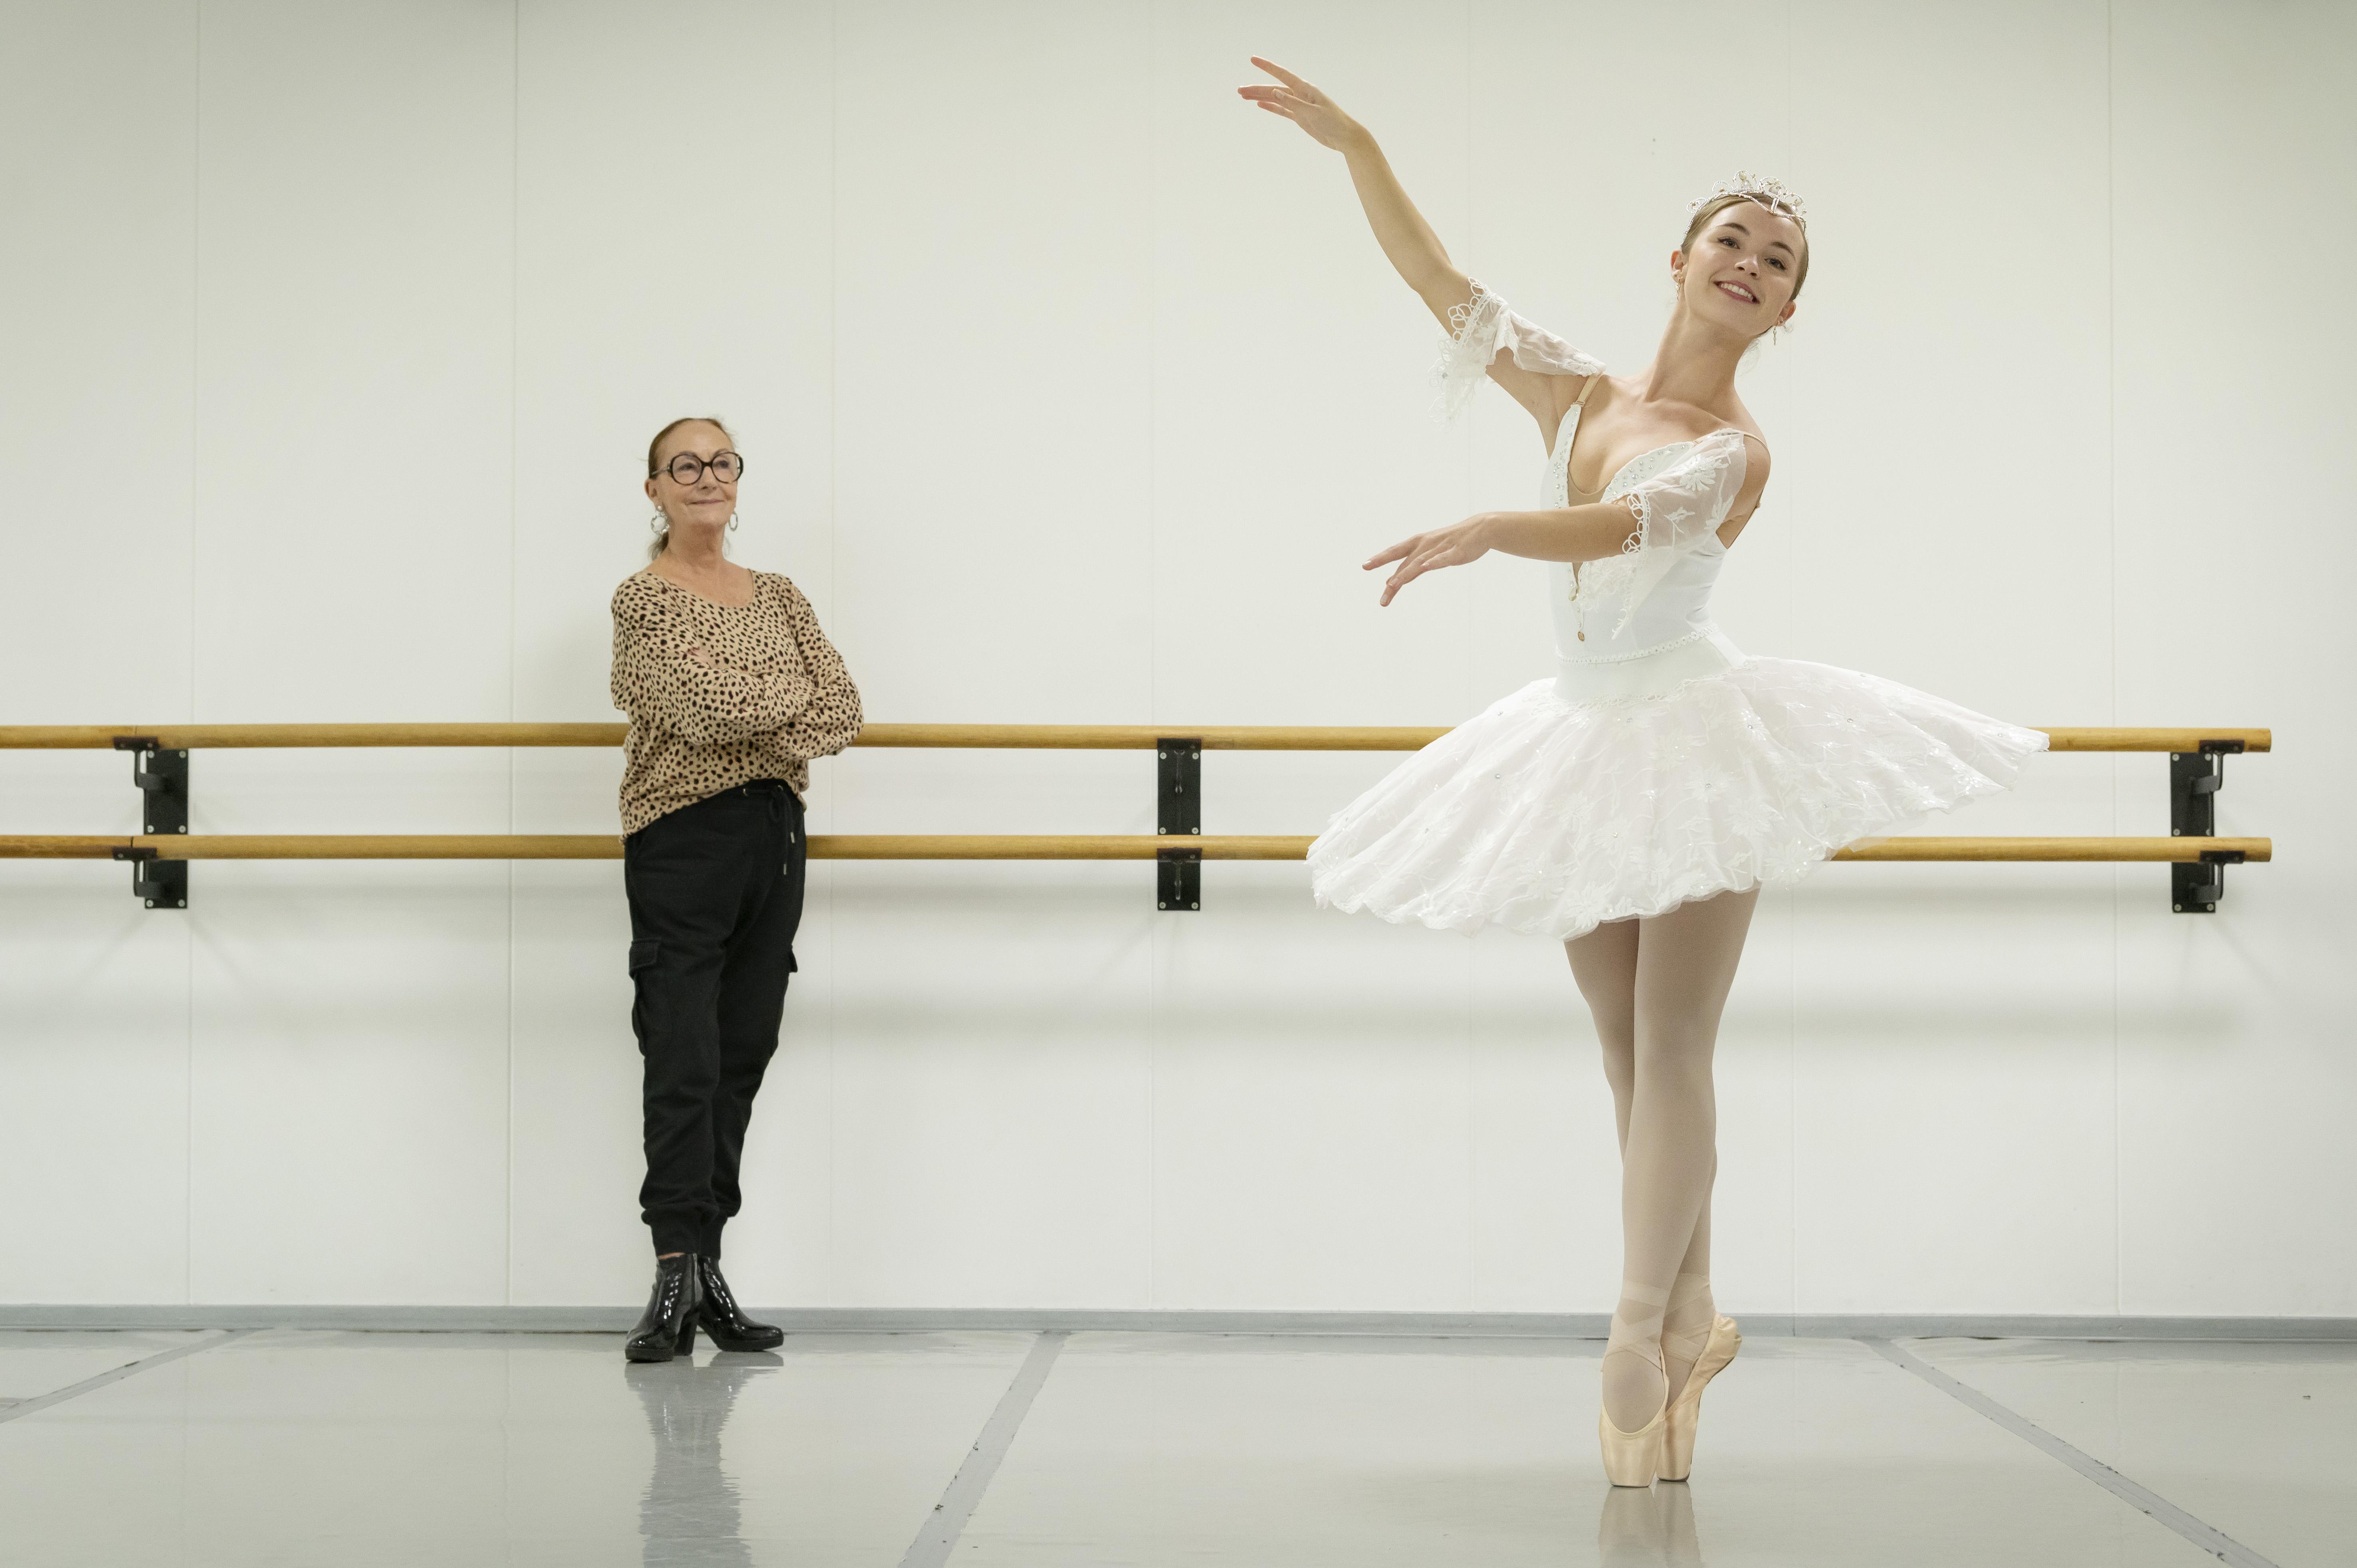 Voorhoutse Sara is balletkampioen van Nederland: 'Er doet altijd wel iets pijn met ballet'